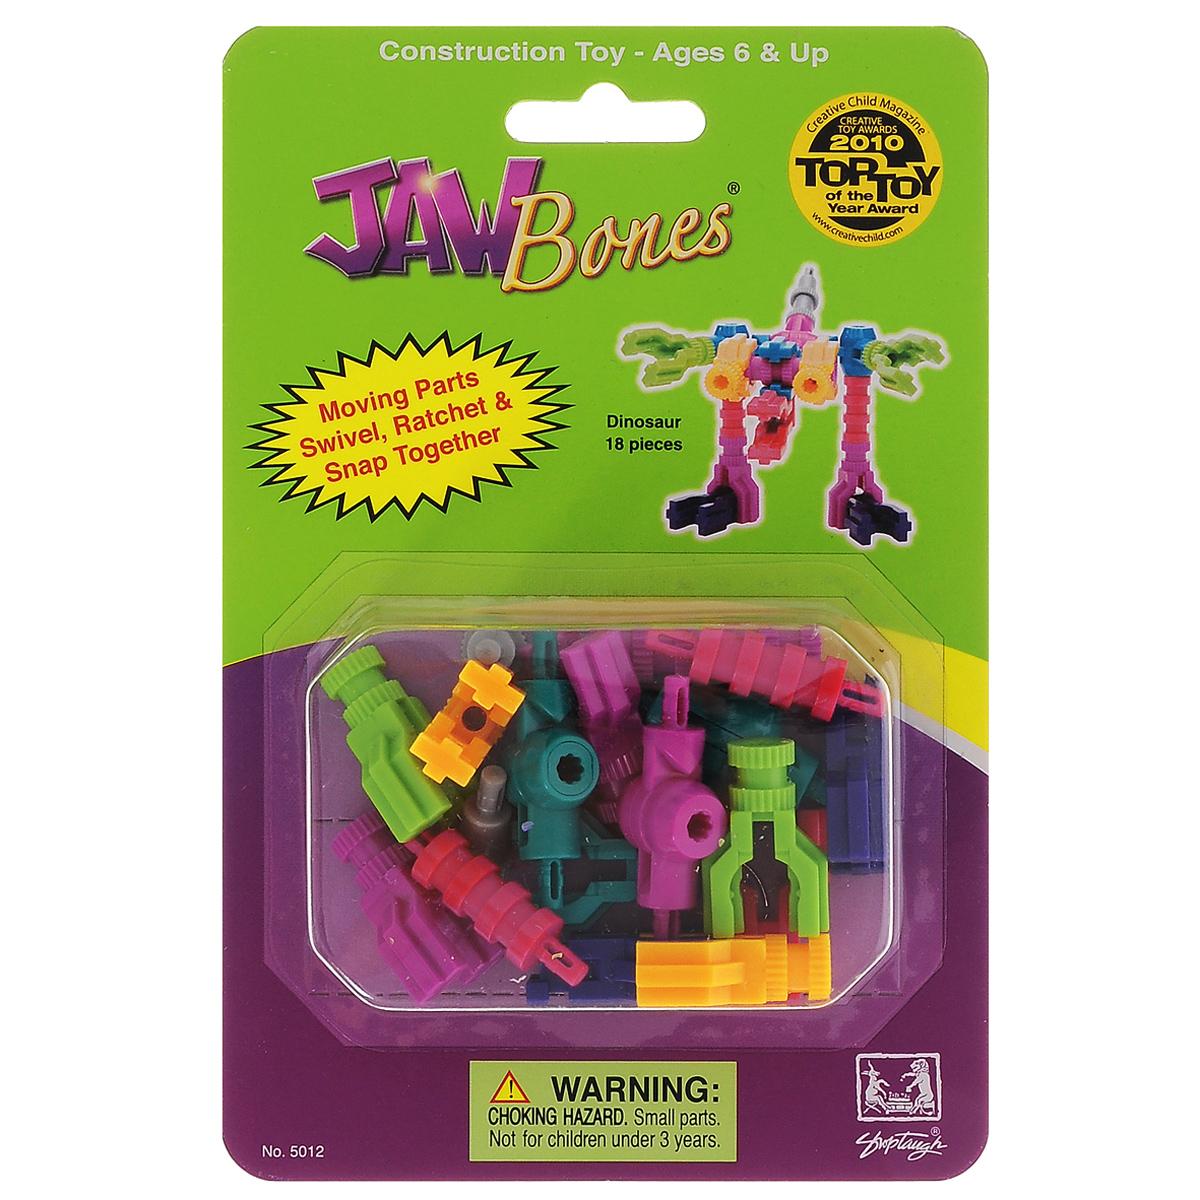 Jawbones Конструктор Динозавр5012Новый развивающий конструктор Jawbones непременно понравится вашему ребенку! При помощи красочных деталей, с уникальным креплением, можно собрать динозавра в оригинальном и неповторимом стиле. Конструктор состоит из 18 элементов разного размера, цвета и назначения. Ваш ребенок с удовольствием будет играть с конструктором, придумывая различные истории.